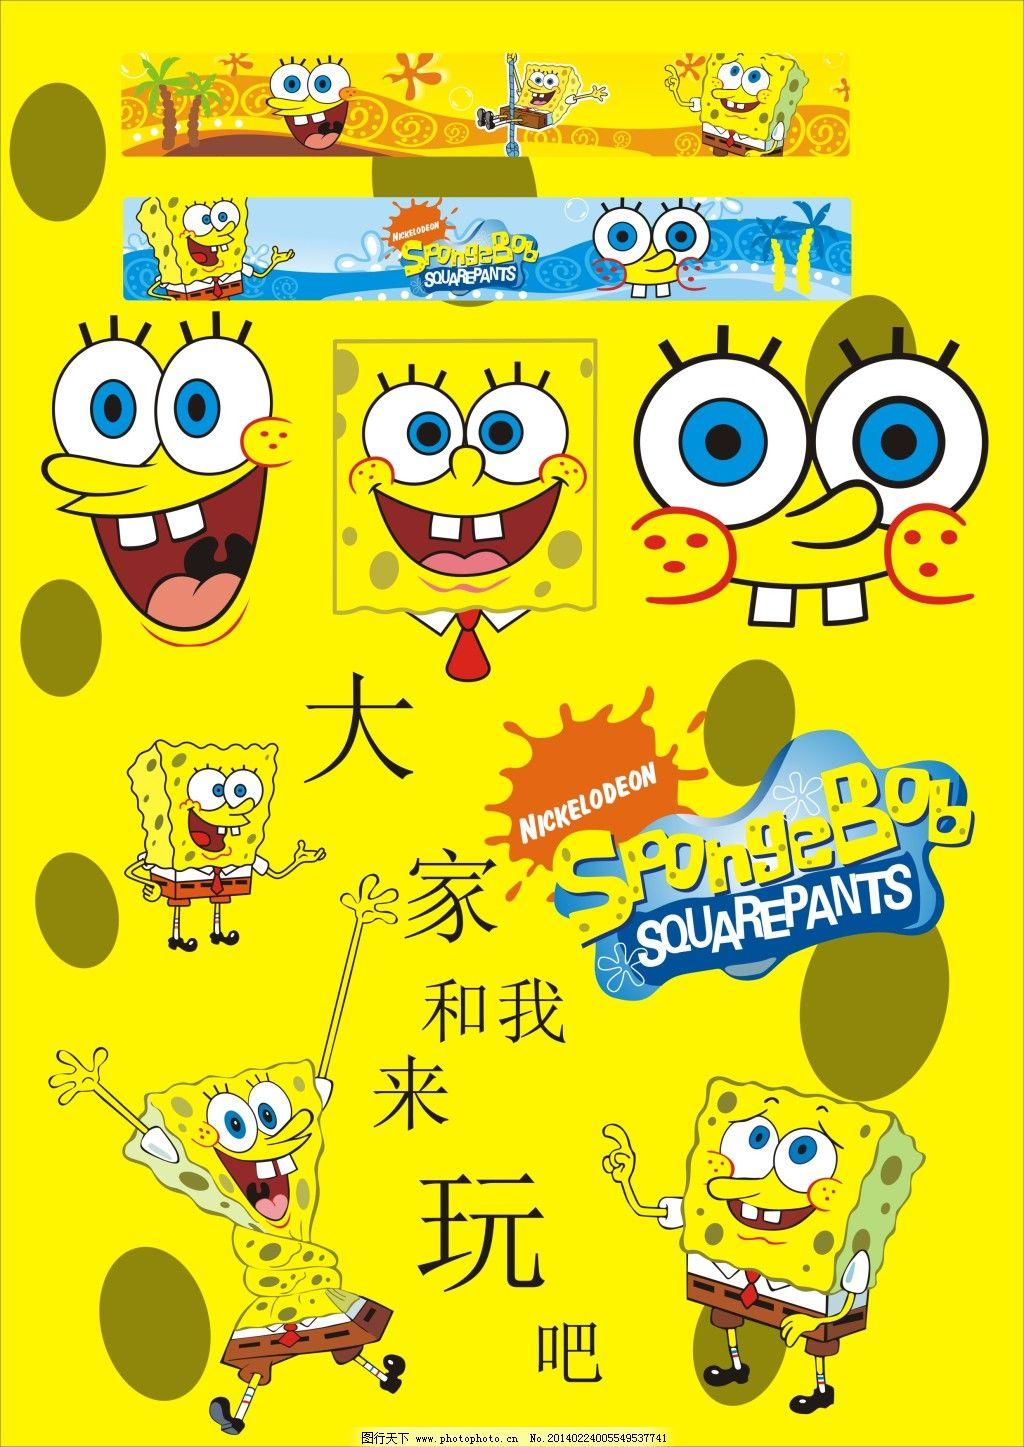 卡通表情 可爱卡通 泡泡 水母 海绵宝宝免费下载 海绵宝宝 卡通 可爱